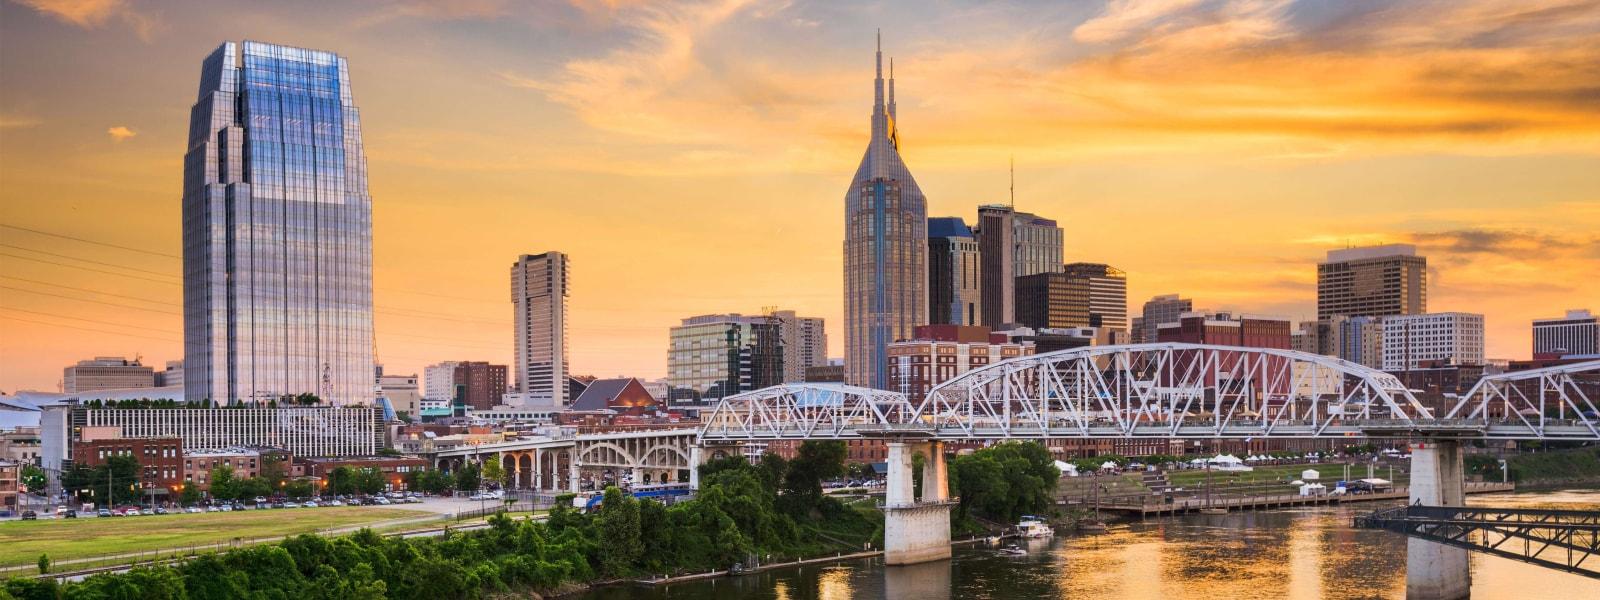 Nashville-Tour-Guide